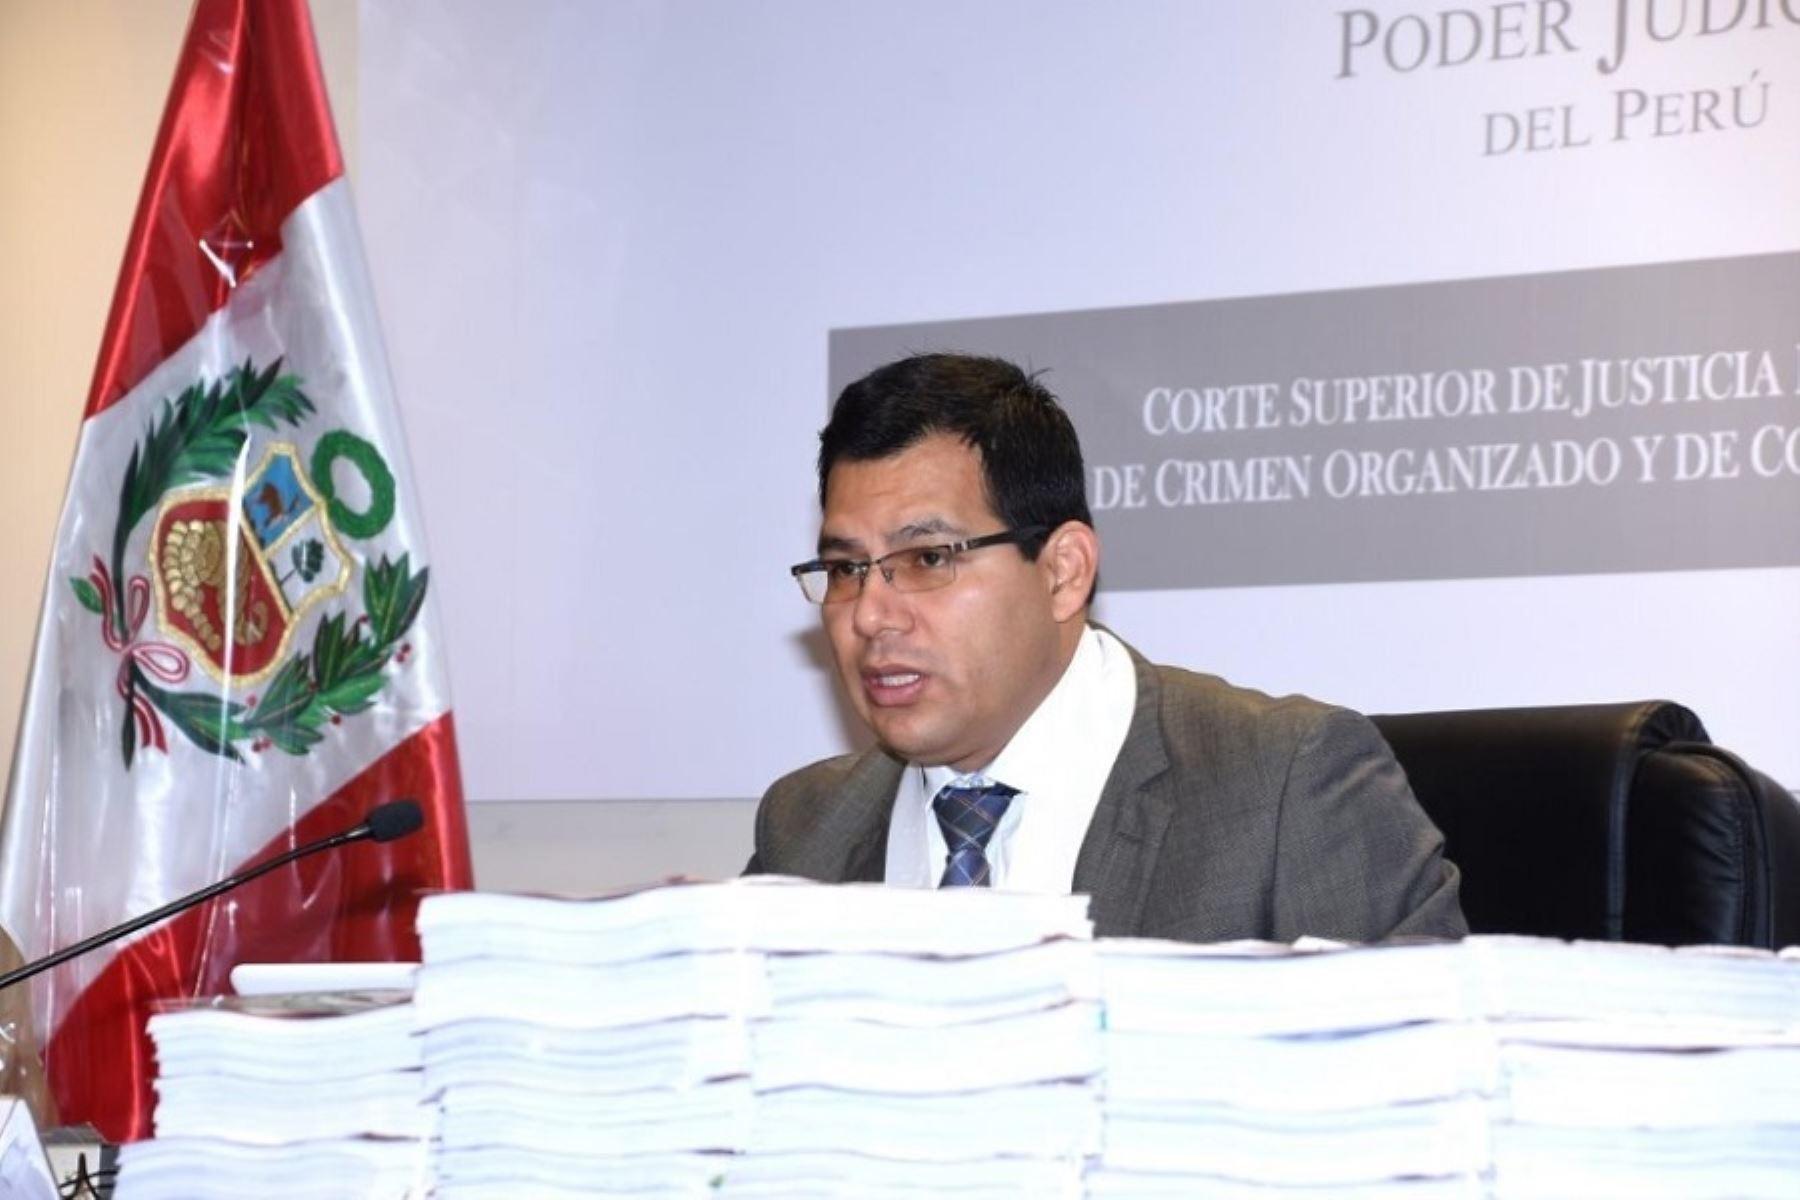 Juez Jorge Chávez dictará su fallo sobre pedido de prisión preventiva contra José Miguel Castro.